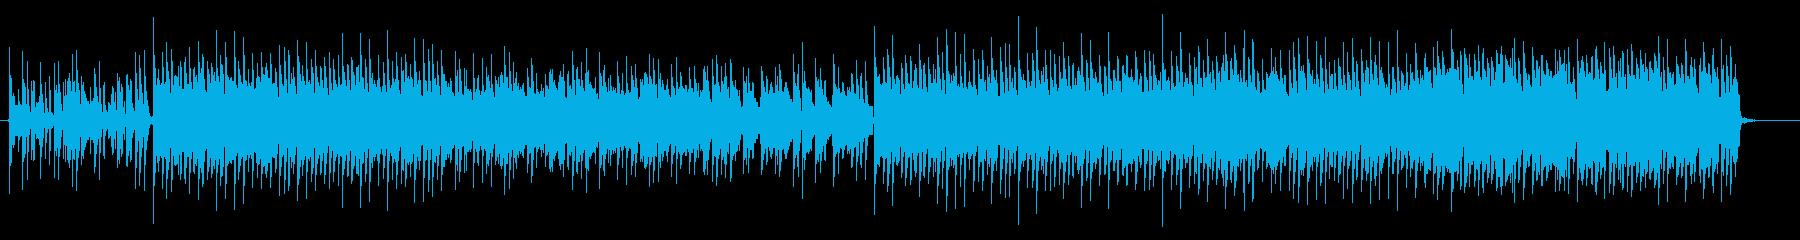 可愛らしいフューチャーベース トラップの再生済みの波形